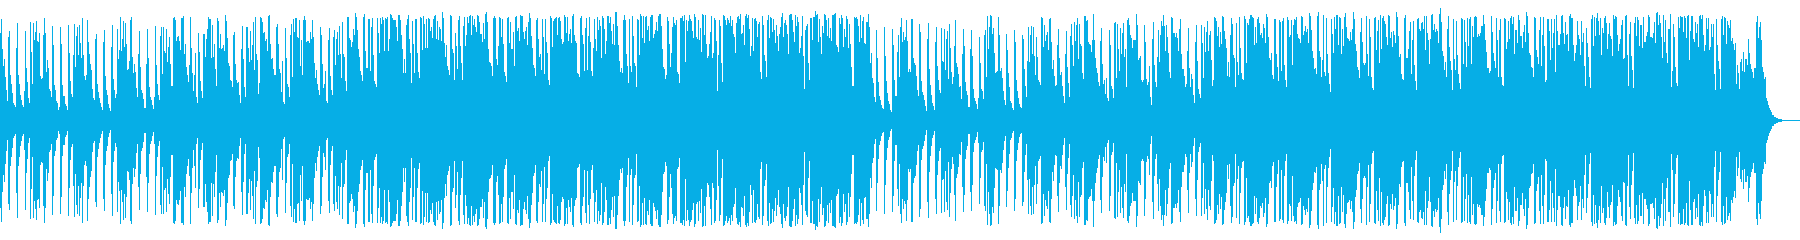 三味線と和太鼓が鳴り響く侍の均衡する戦いの再生済みの波形